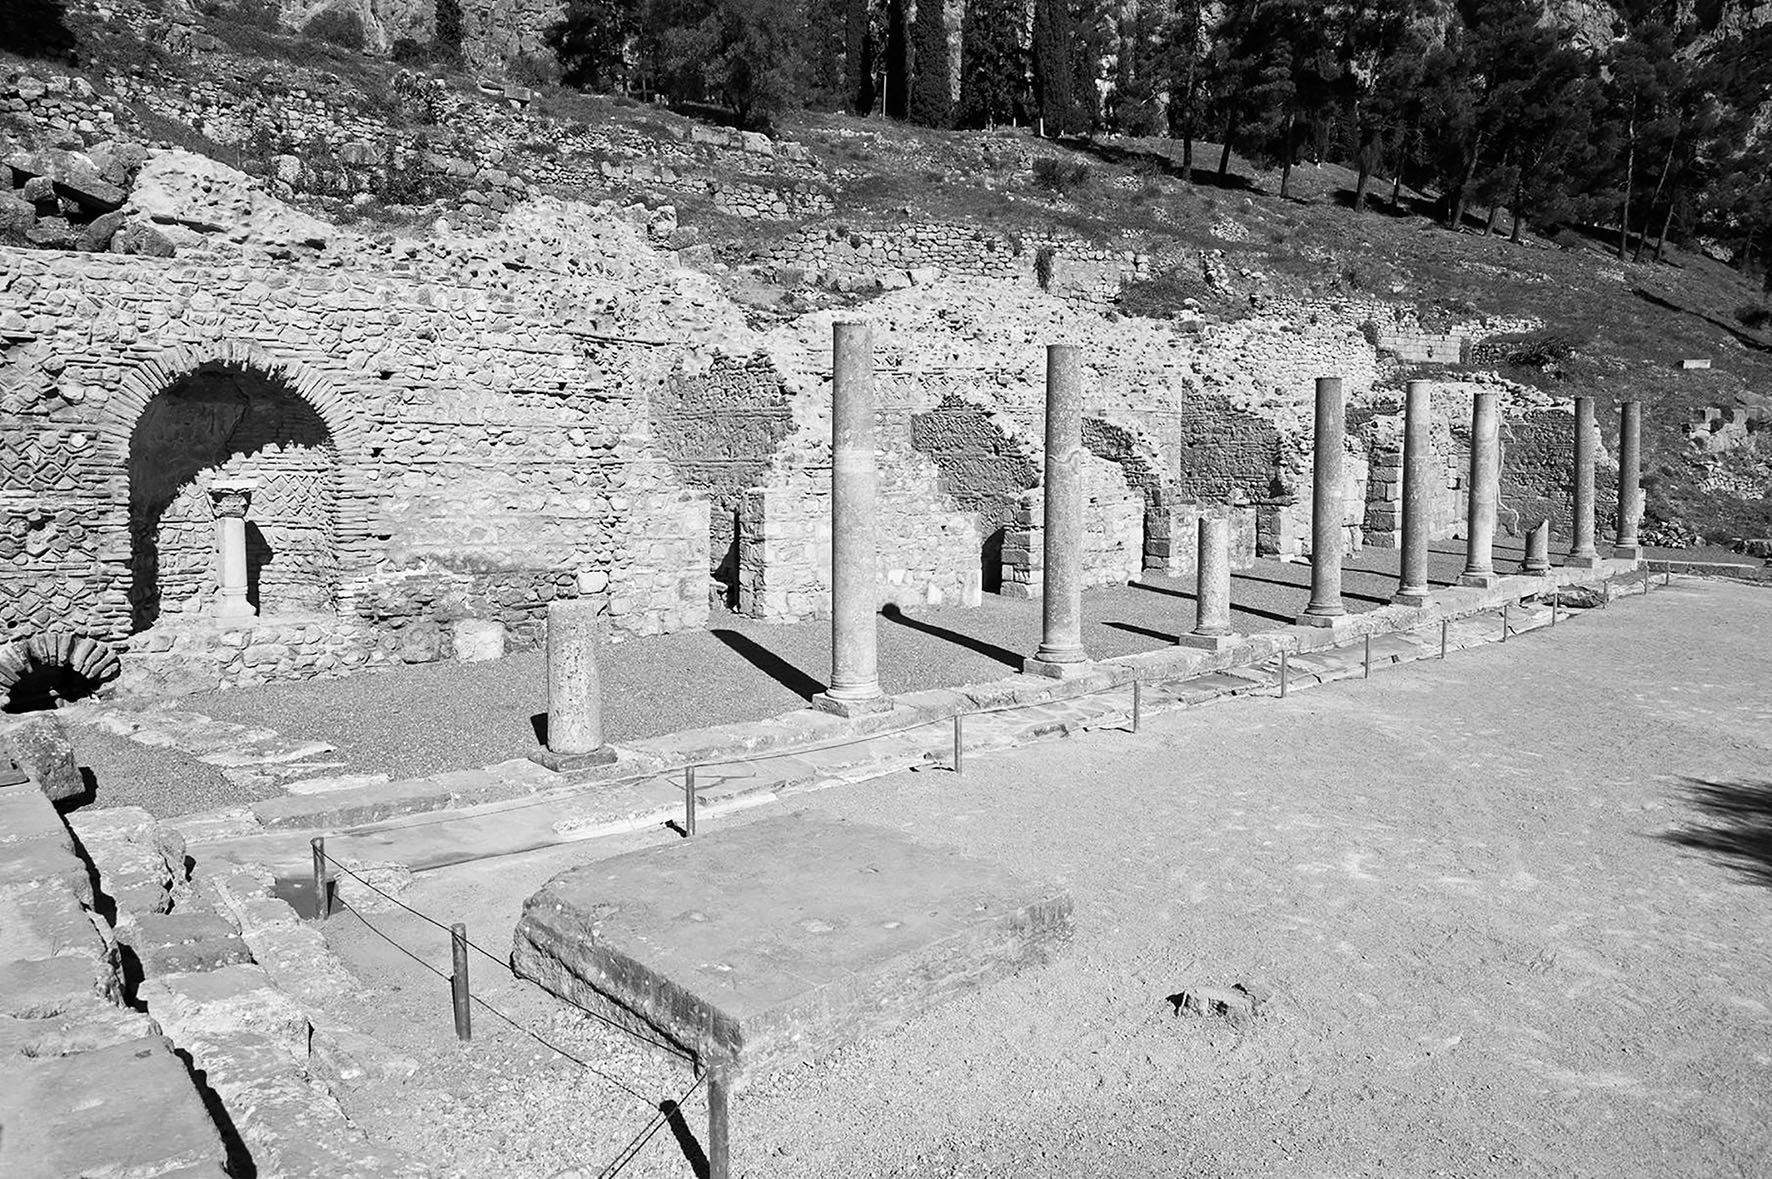 Πρώτη διοργάνωση του Φεστιβάλ Δελφών: «Το λάλον ύδωρ. Σύγχρονοι Έλληνες συνθέτες και λόγος